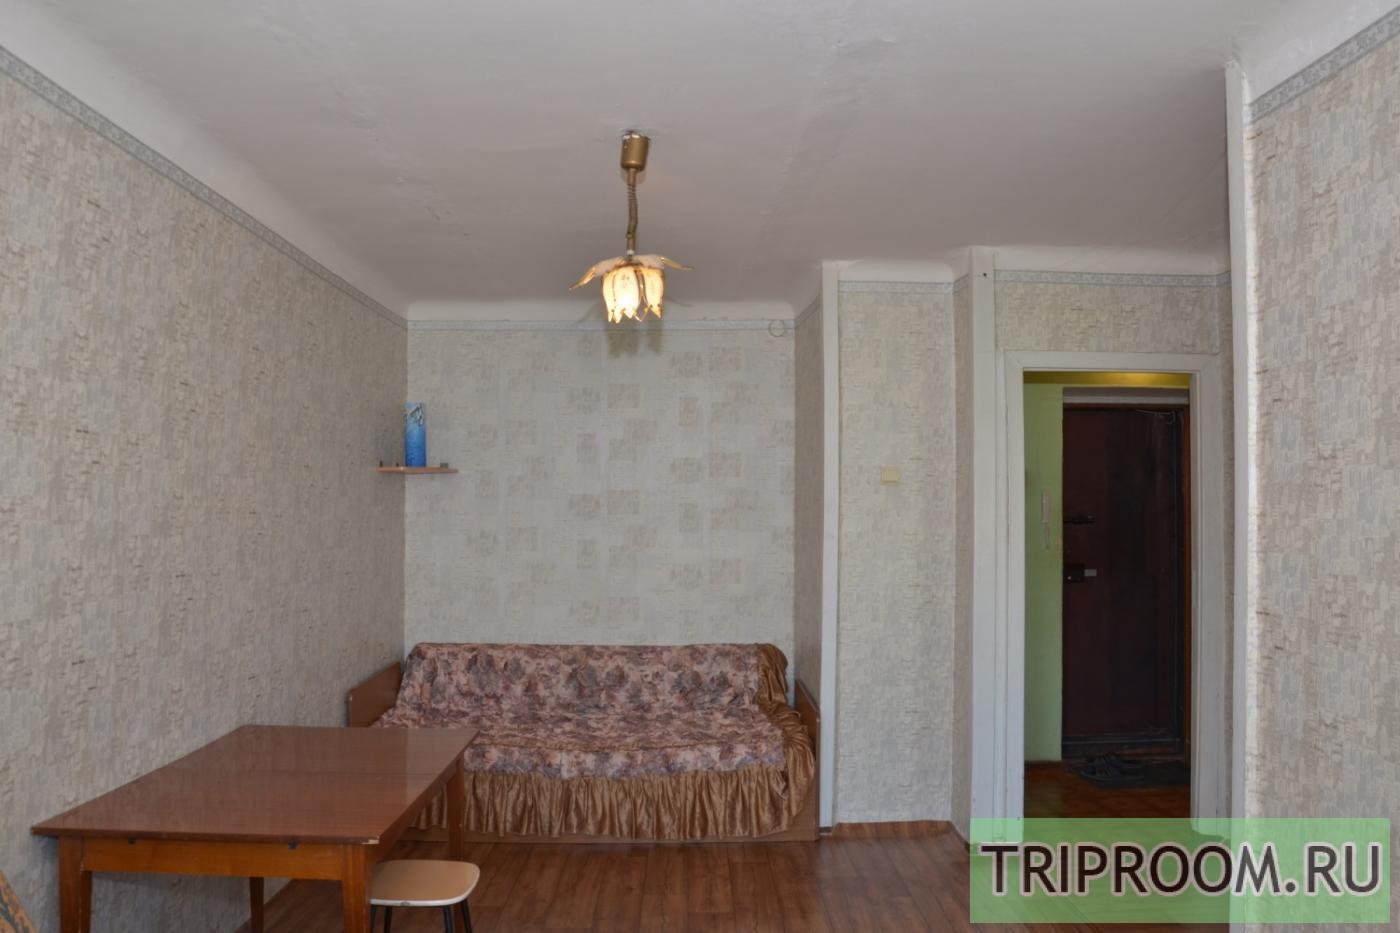 1-комнатная квартира посуточно (вариант № 10576), ул. Ленина улица, фото № 2